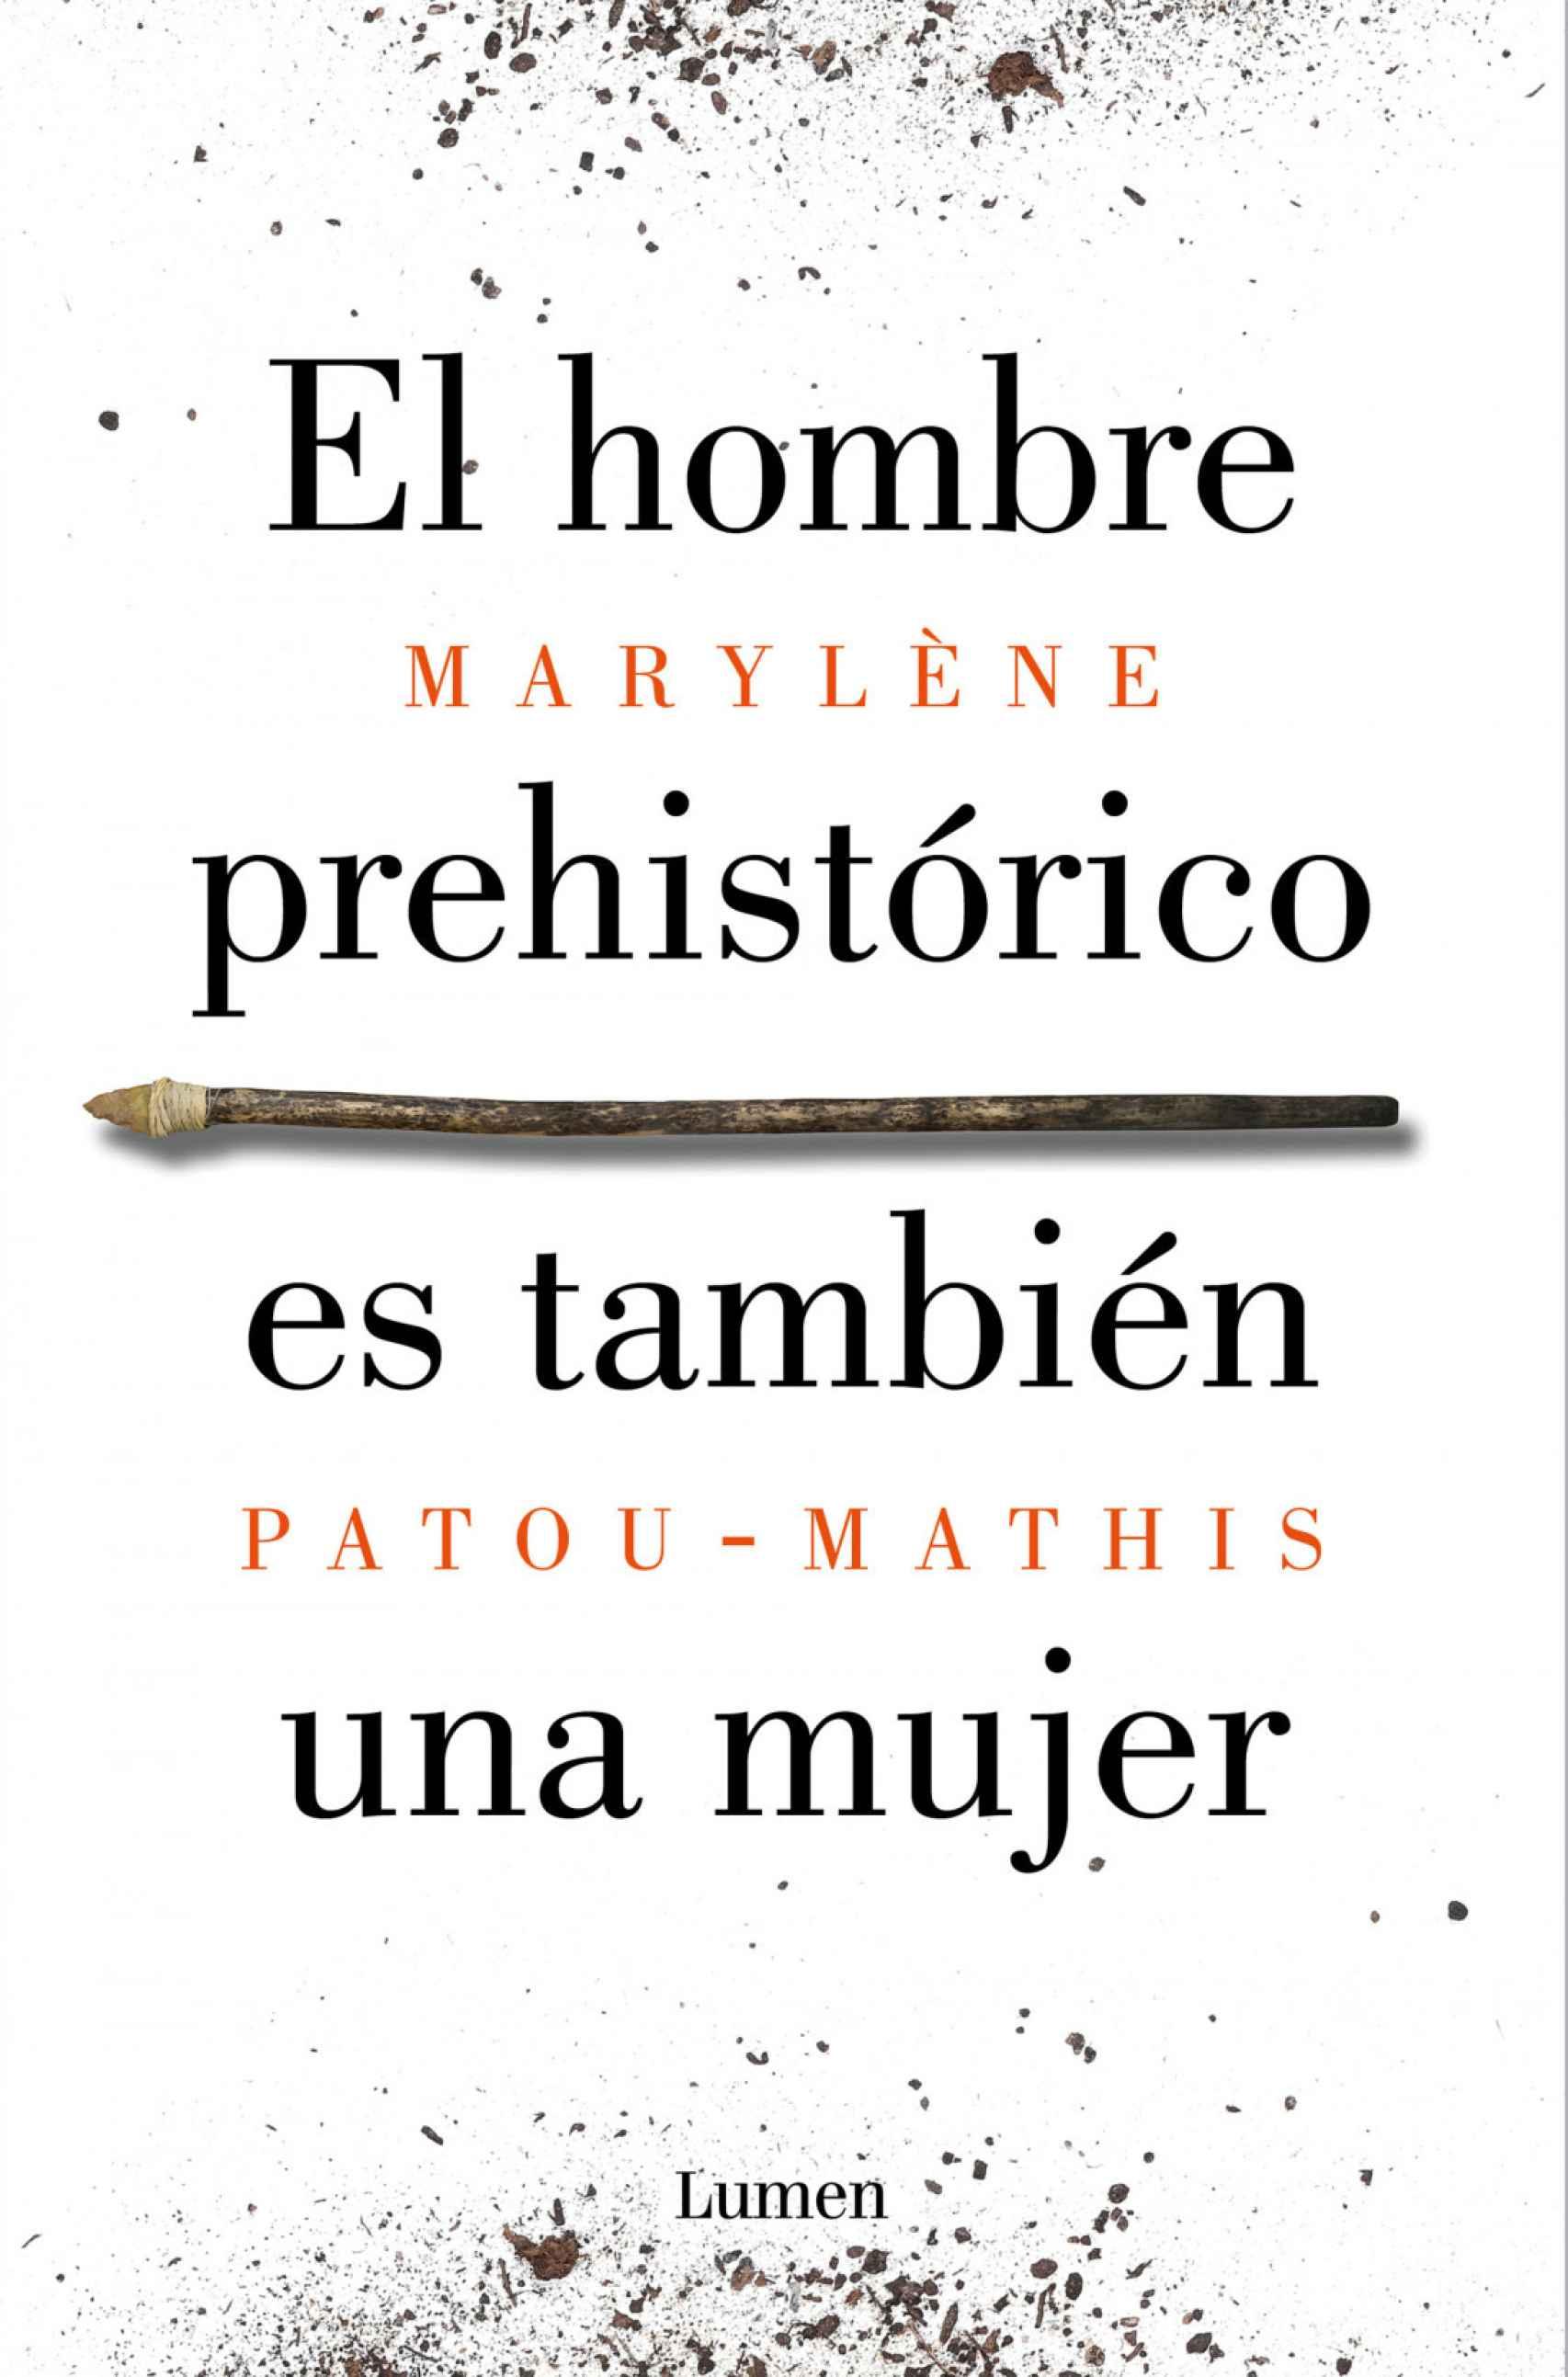 Portada del libro de Patou-Mathis.